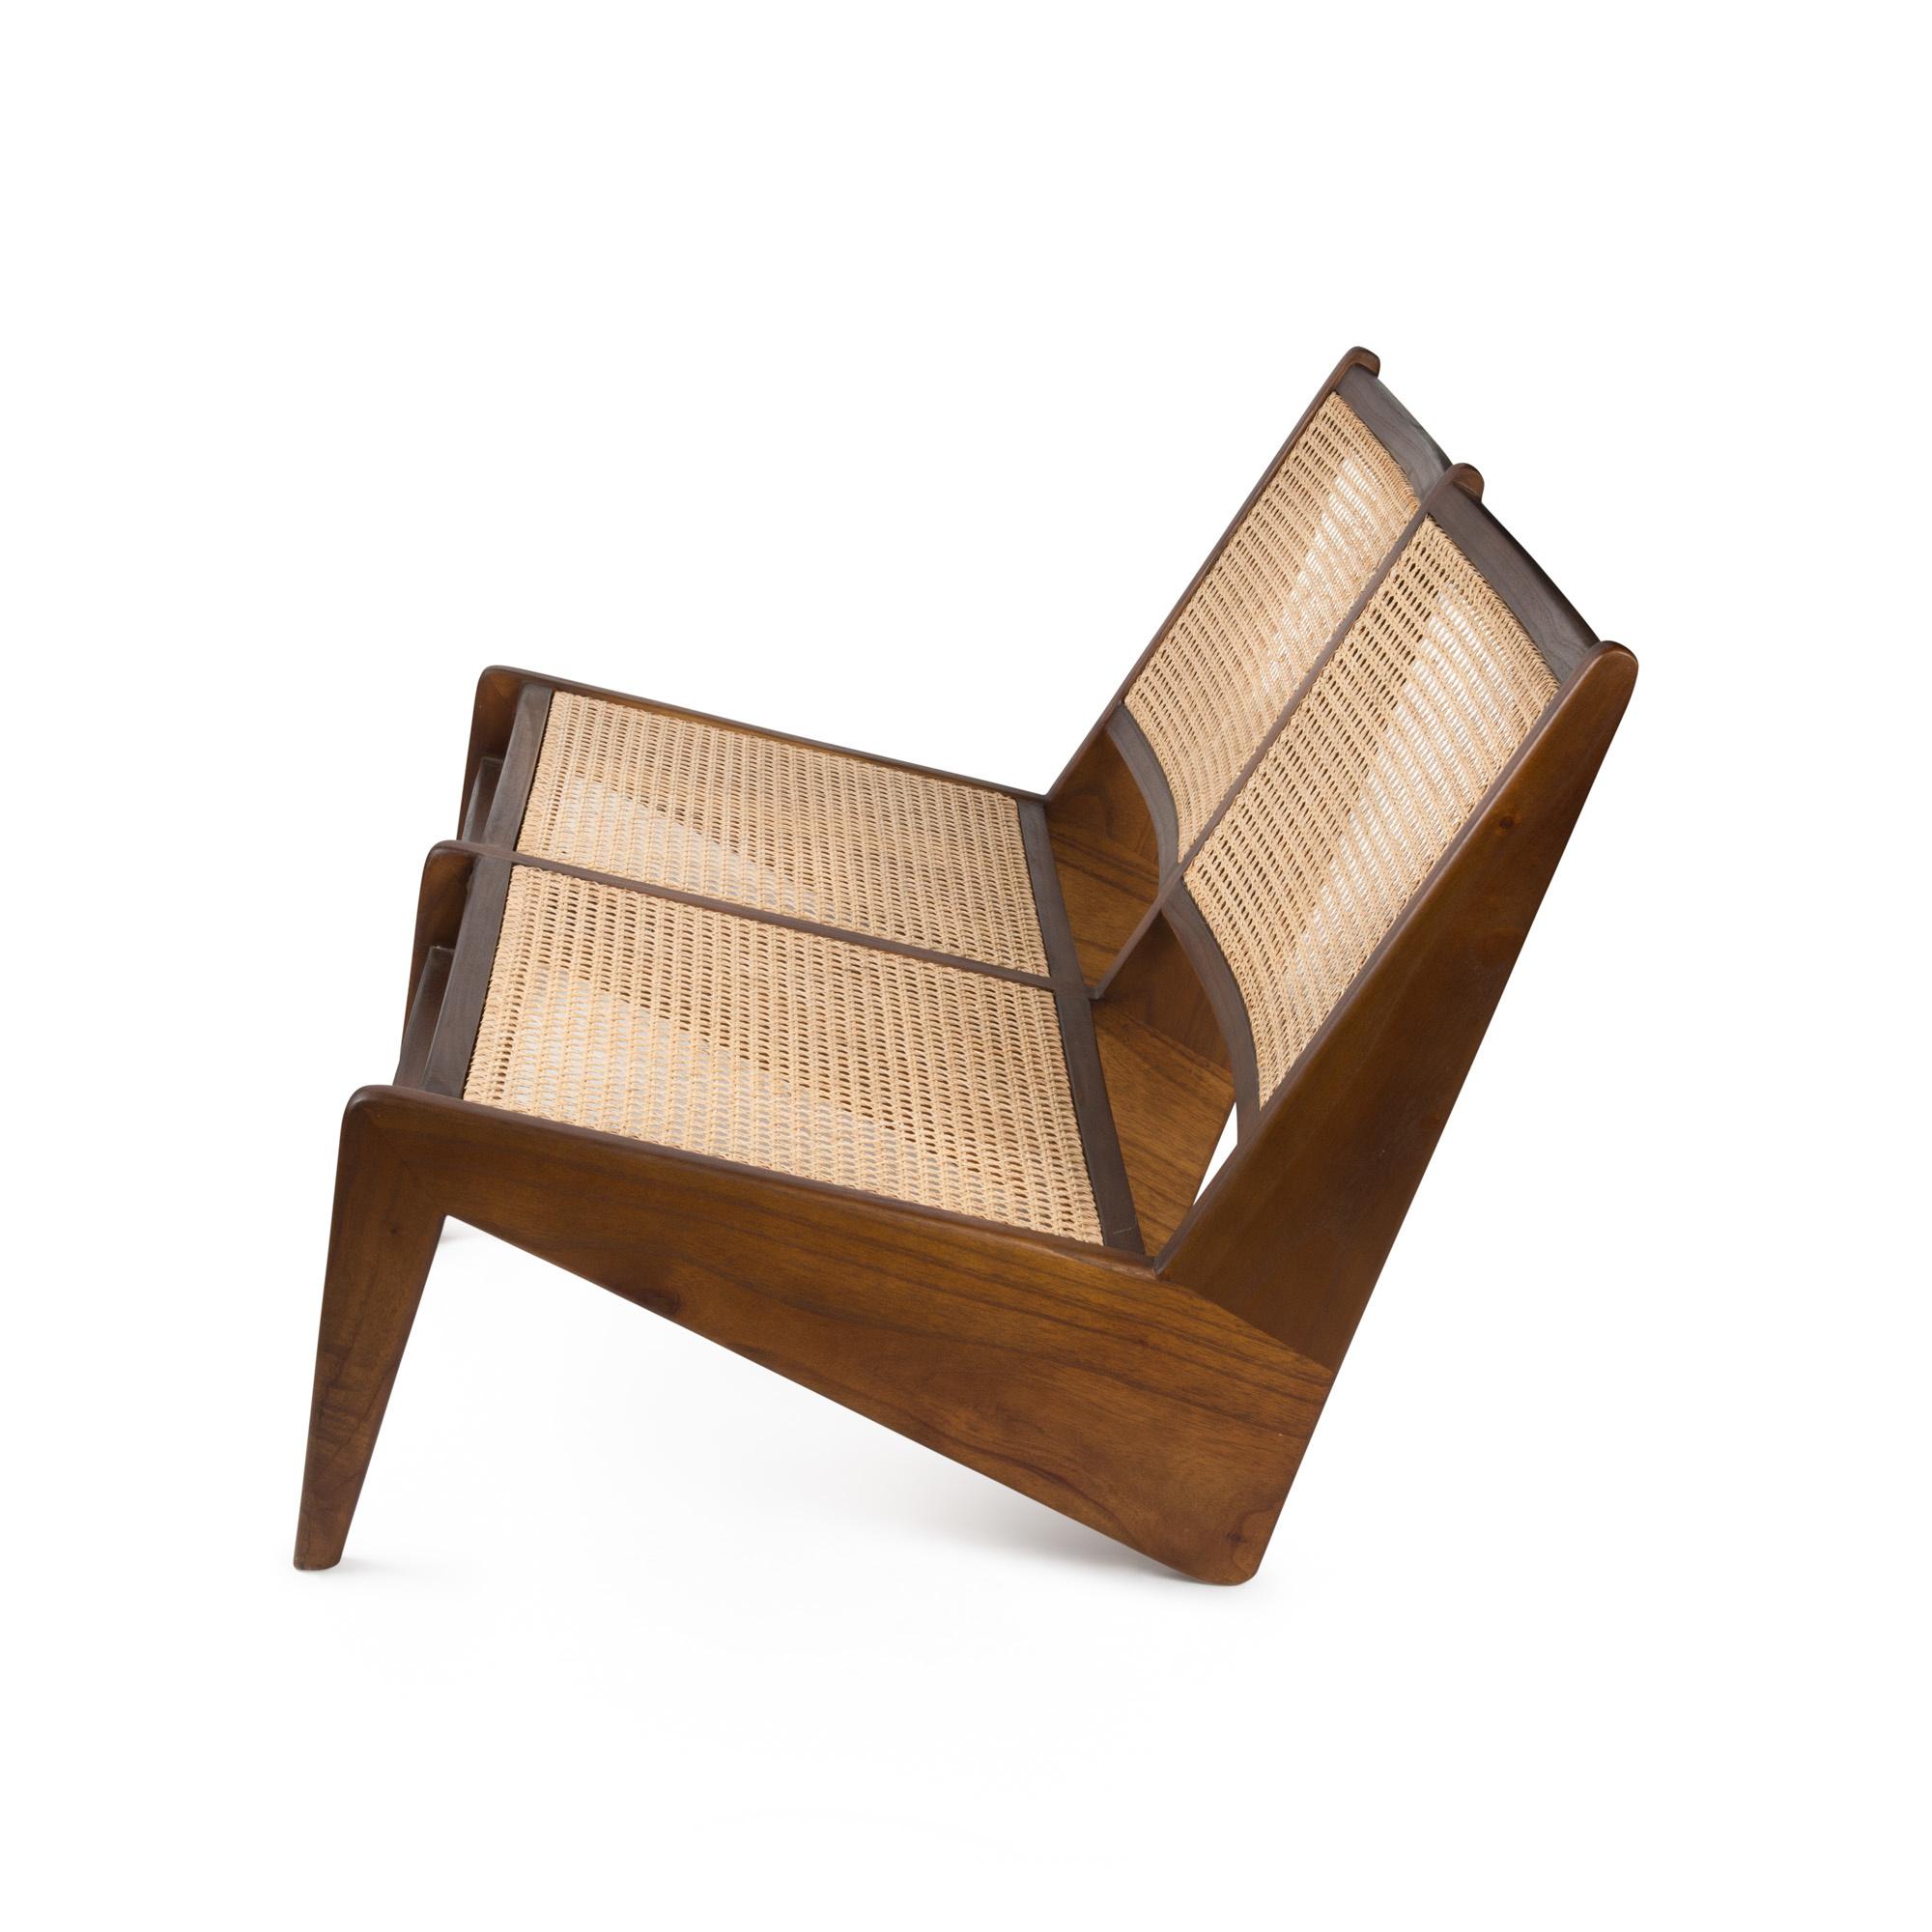 Kangaroo Chair Bench 2 - Darkened Teak-3